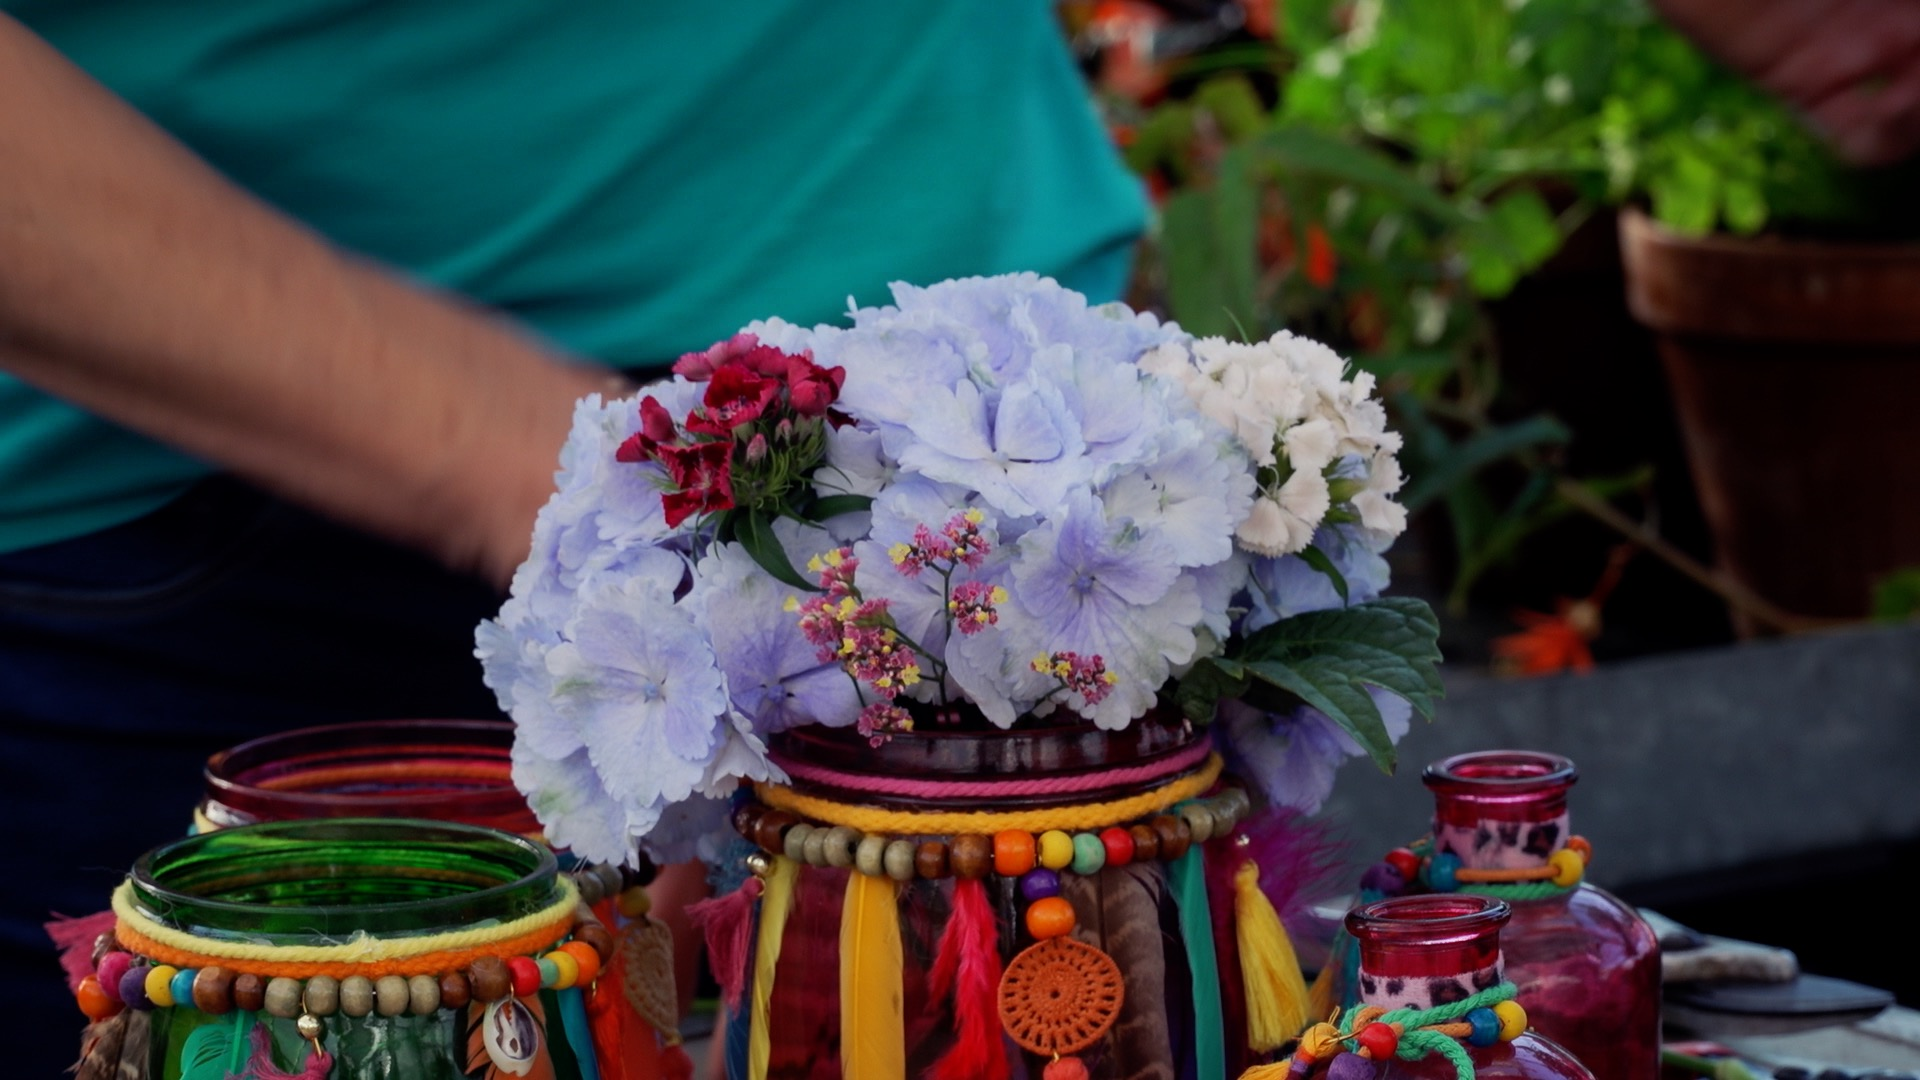 Tirol blüht auf: Tisch-Blumengestecke